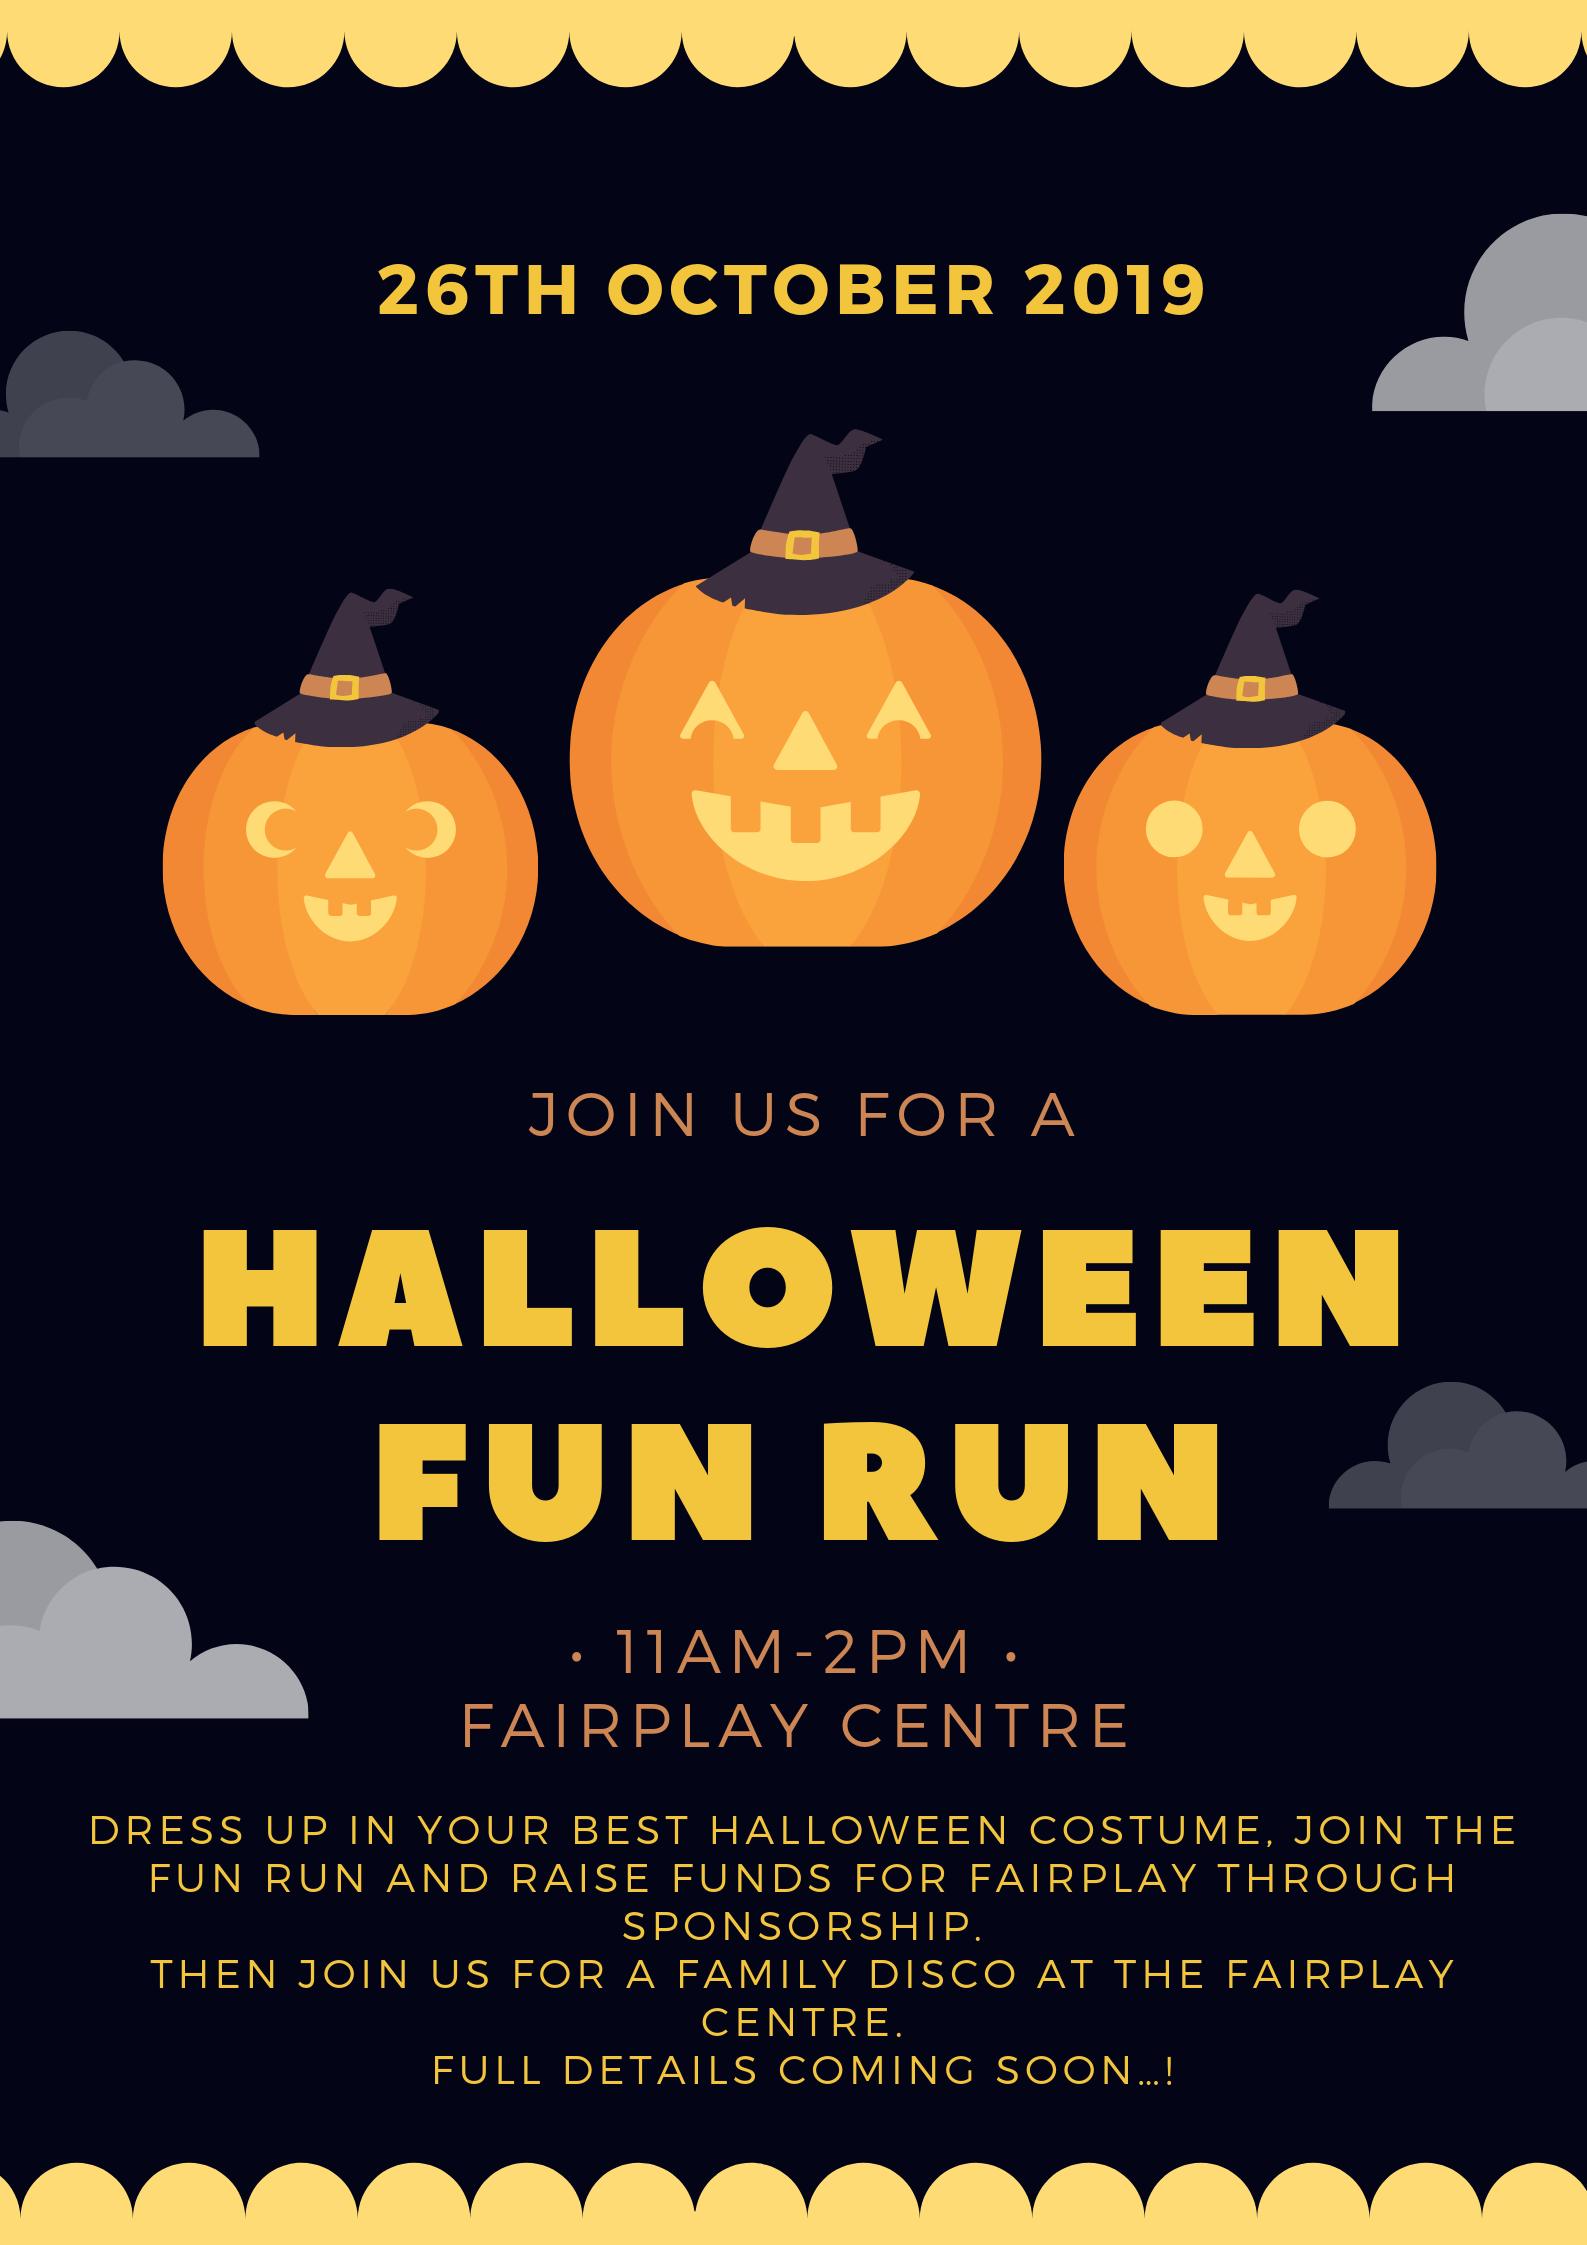 Halloween Fun Run – 26th October 2019